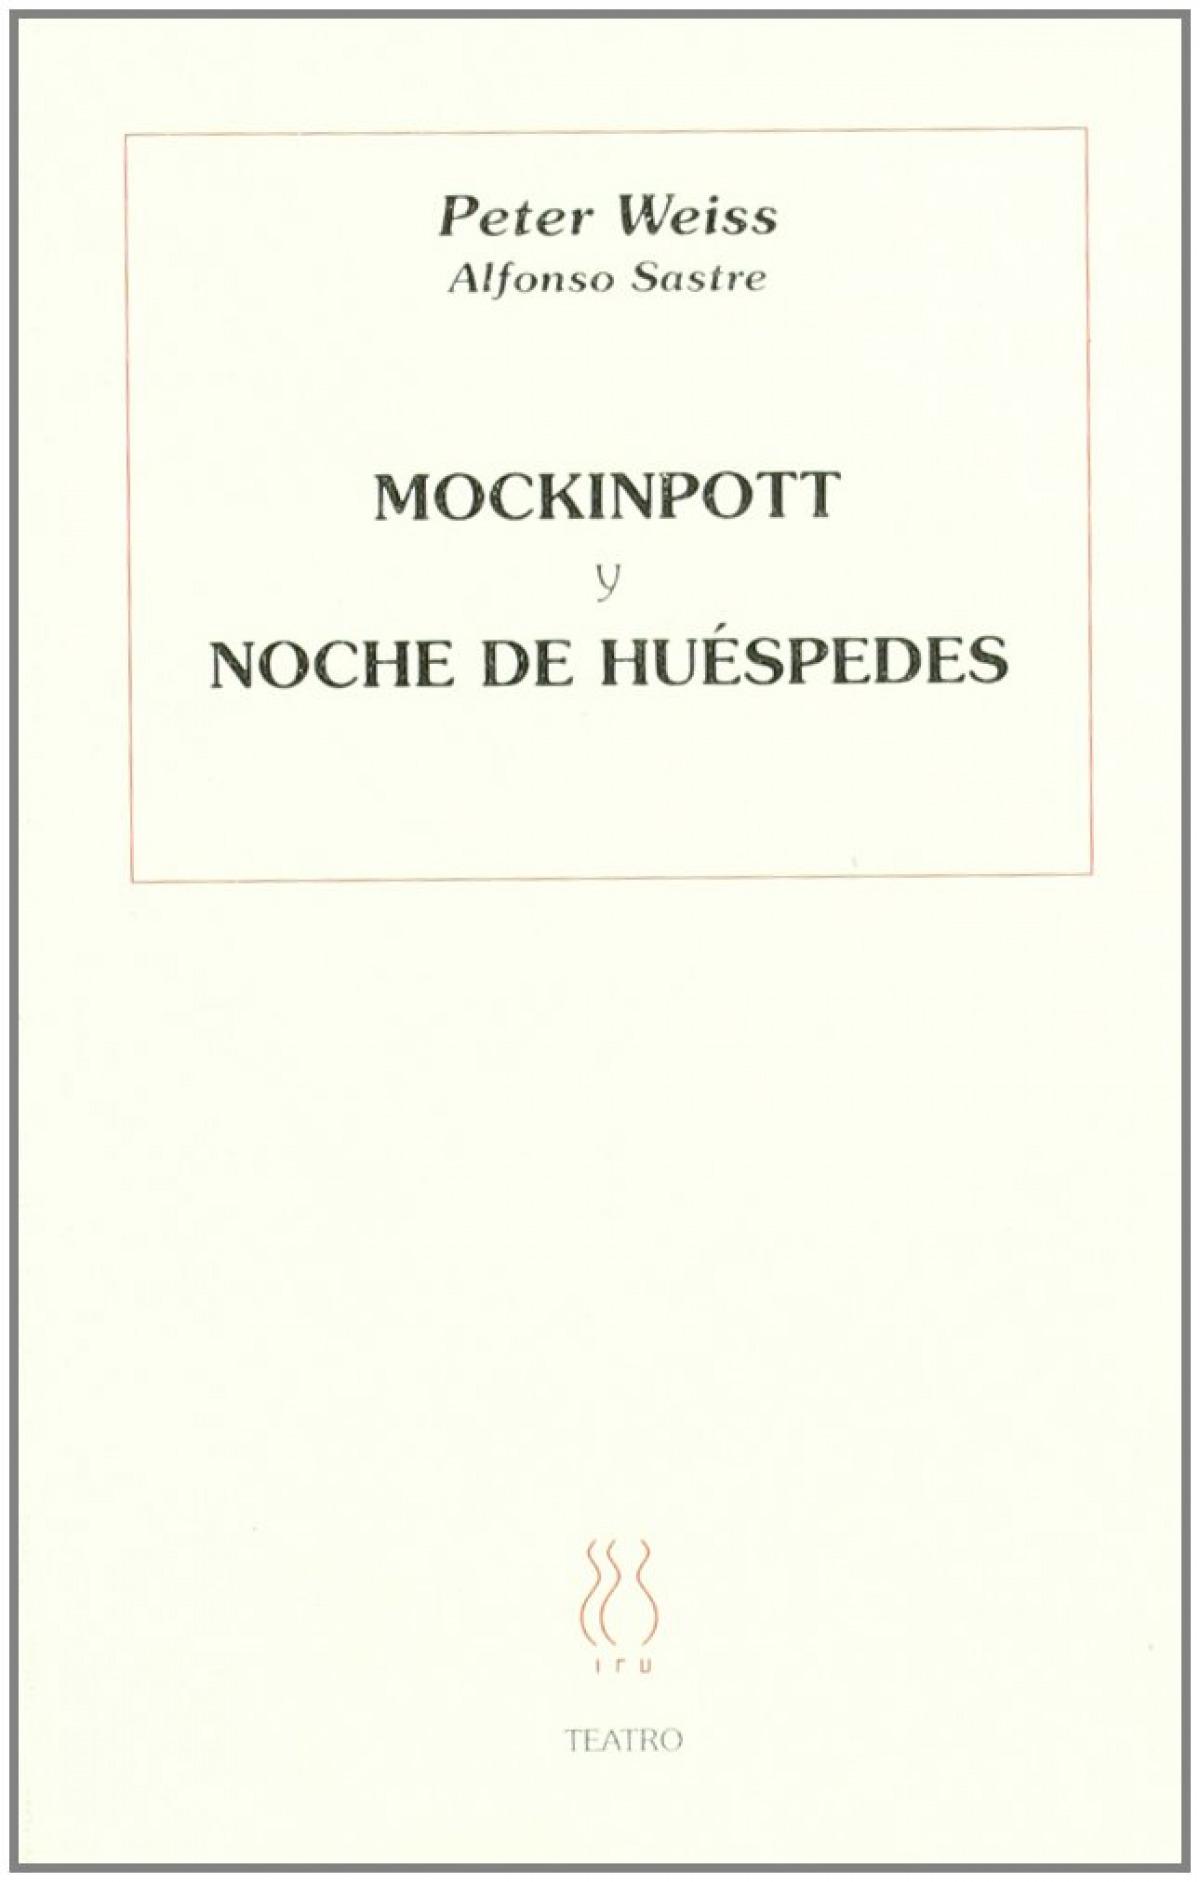 Mockinpott. Noche de huéspedes